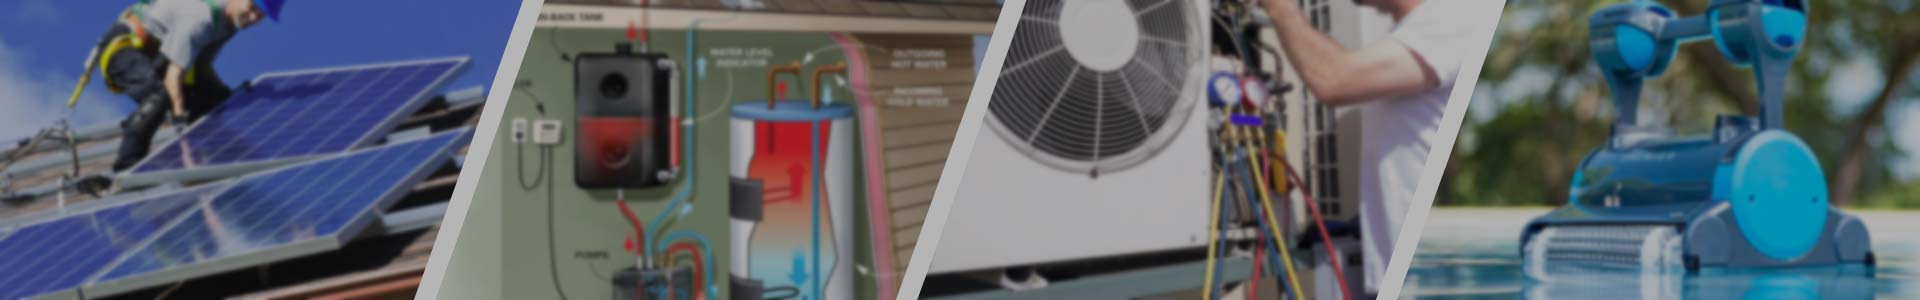 Warmwassertechnik - Leistungen - Solar Power Systems